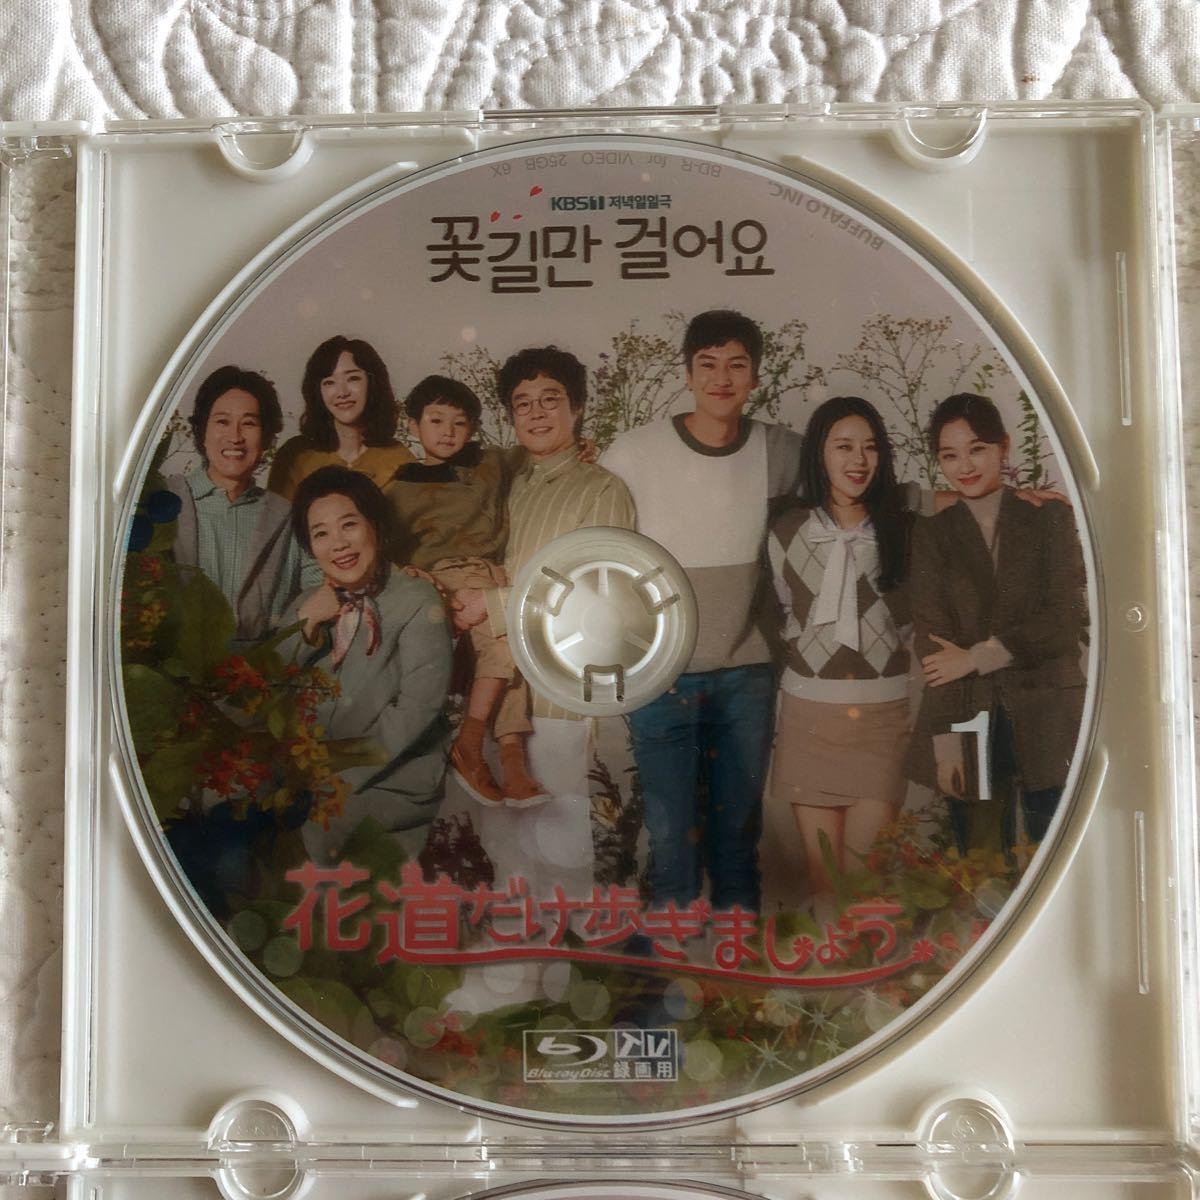 韓国ドラマ 花道だけ歩きましょう 全話     ブルーレイ4枚